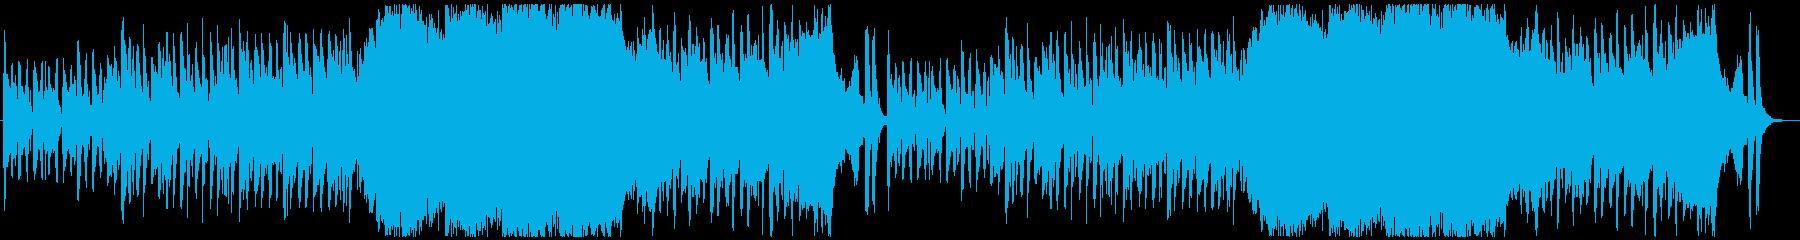 ハロウィン・いたずらコミカル系小編成オケの再生済みの波形